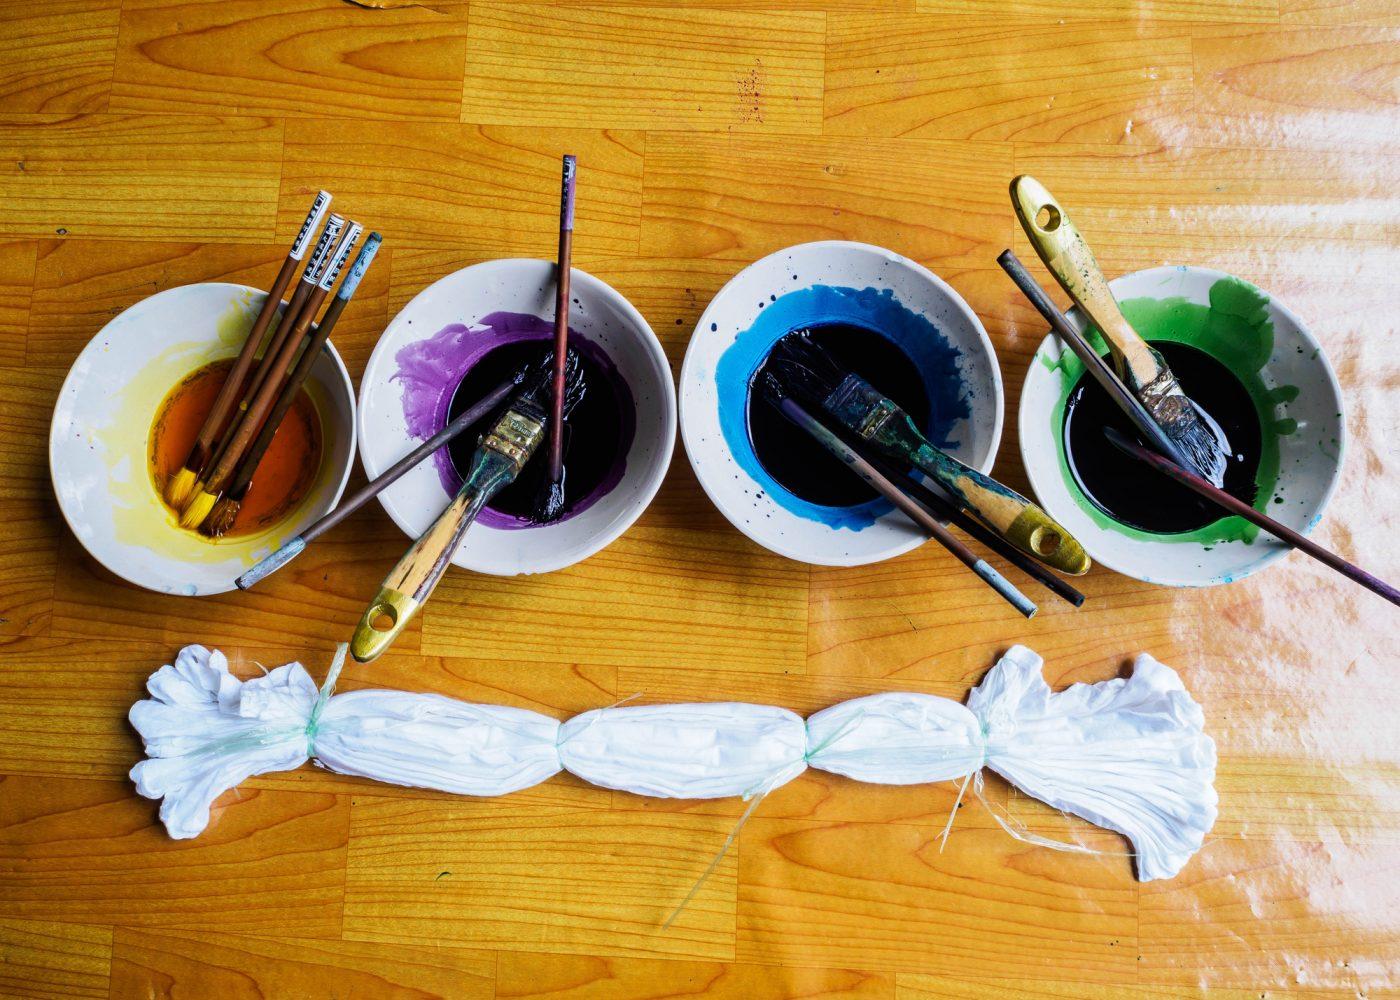 Aprenda como tingir tecidos e fibras naturais utilizando